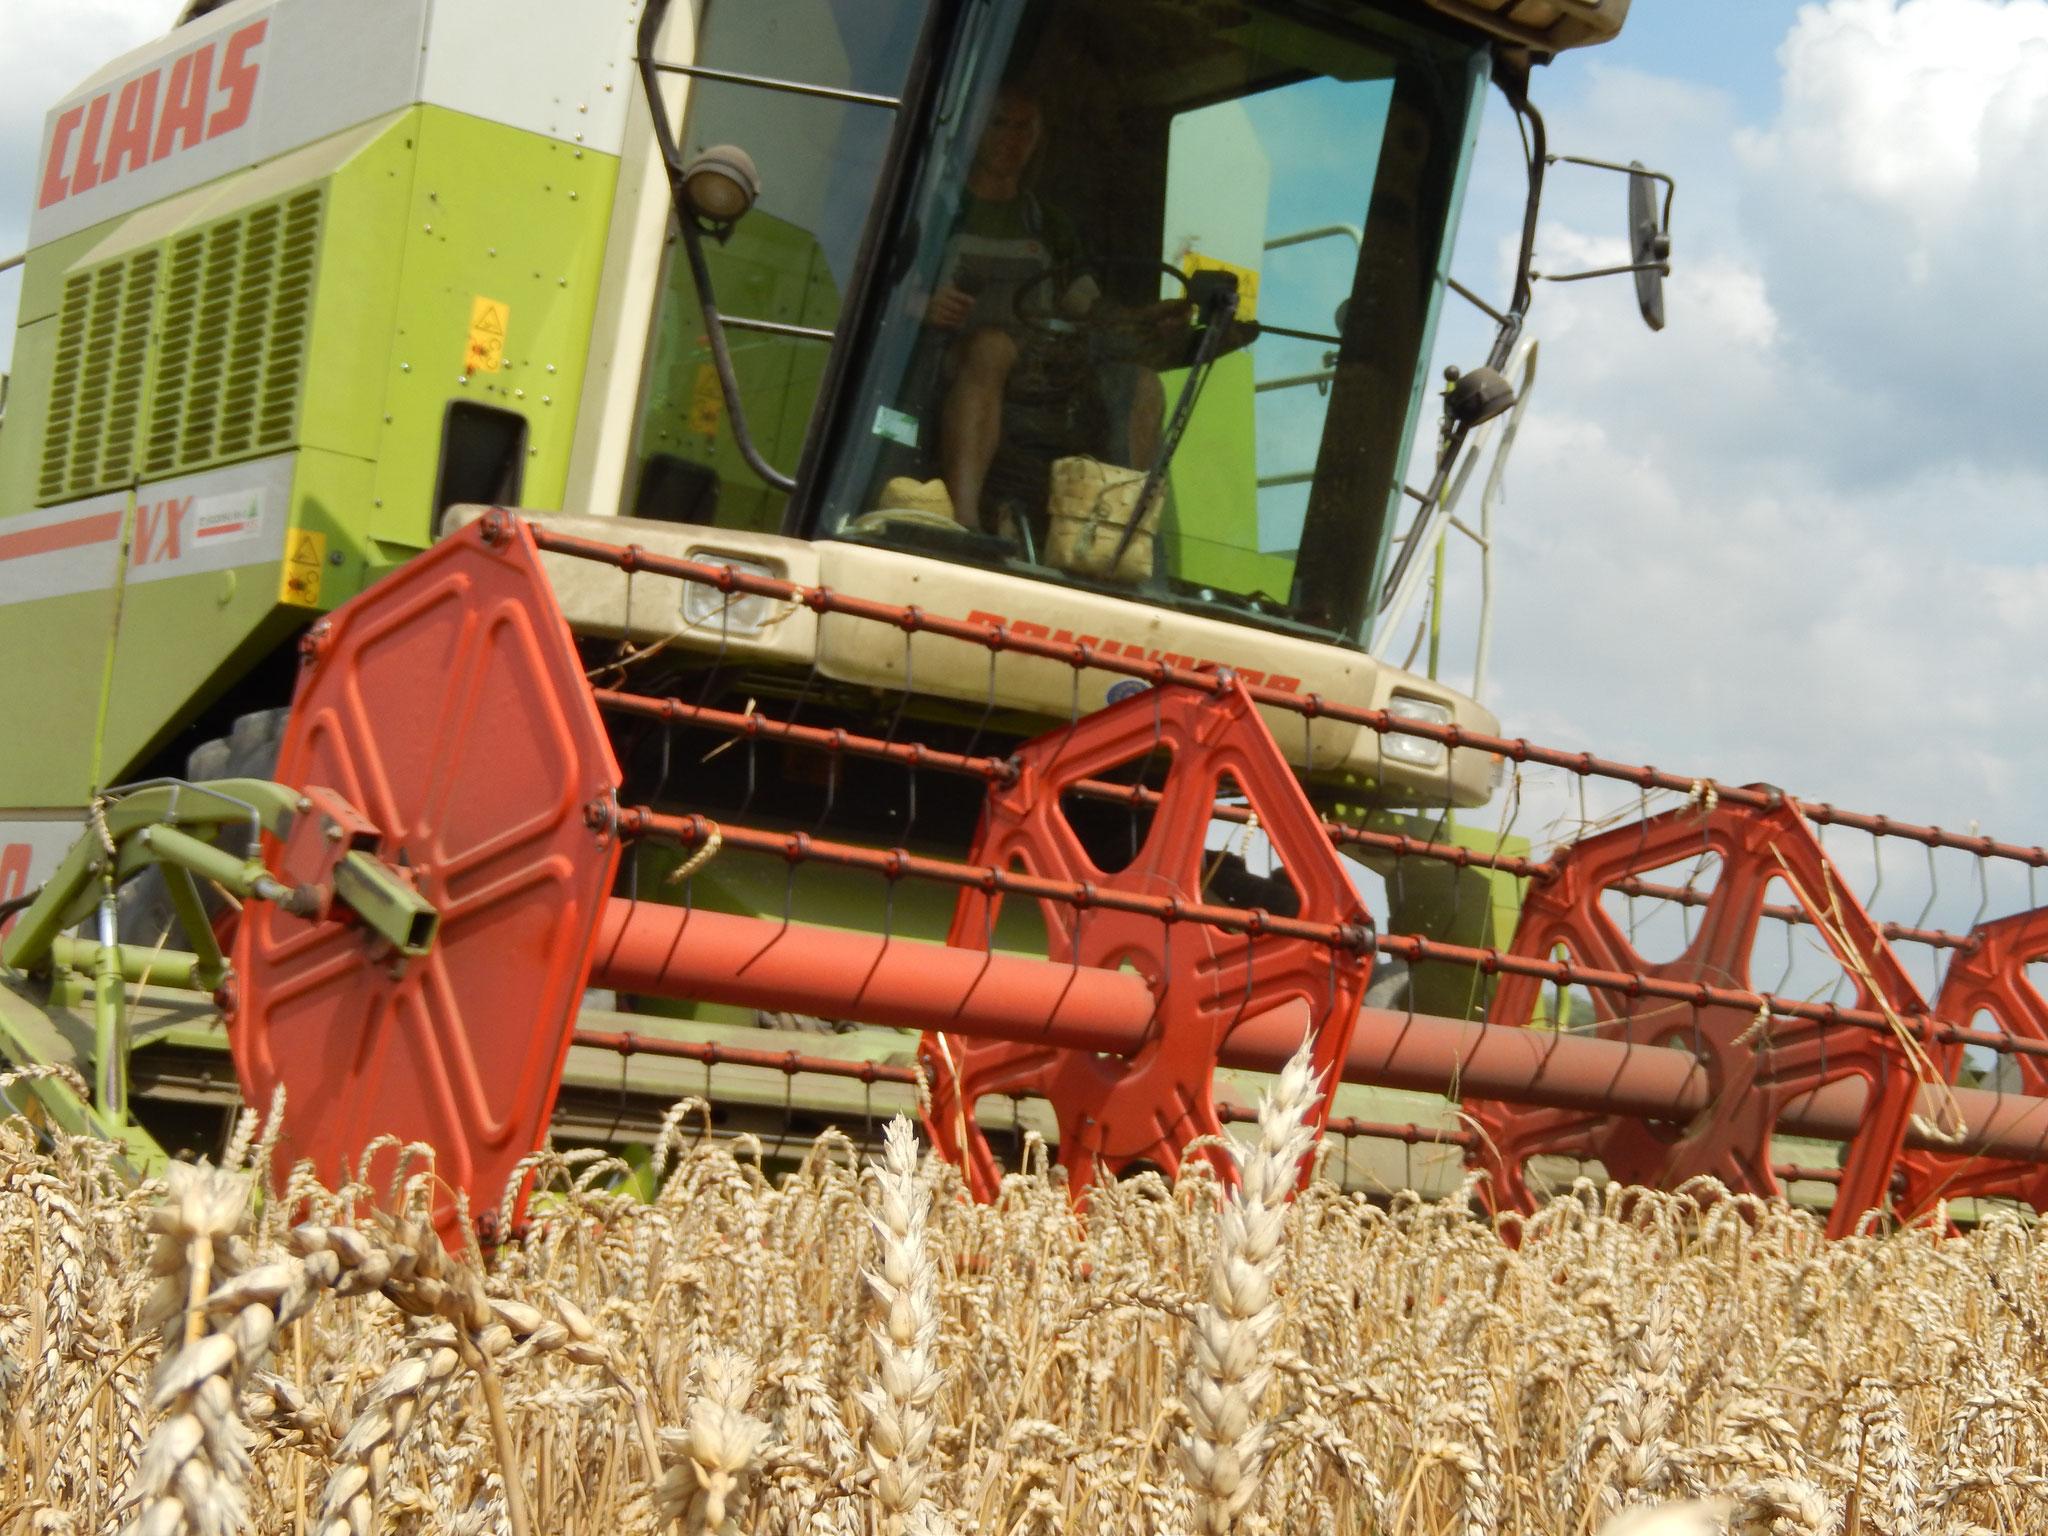 In der Landwirtschaft zu arbeiten bedeutet, mit und in der Natur zu arbeiten. Geregelte Arbeitszeiten haben hier Seltenheitswert. In der Erntezeit müssen nicht nur die Maschinen laufen. Auch der Landwirt läuft von  morgens bis abends, Montags bis Sonntag.